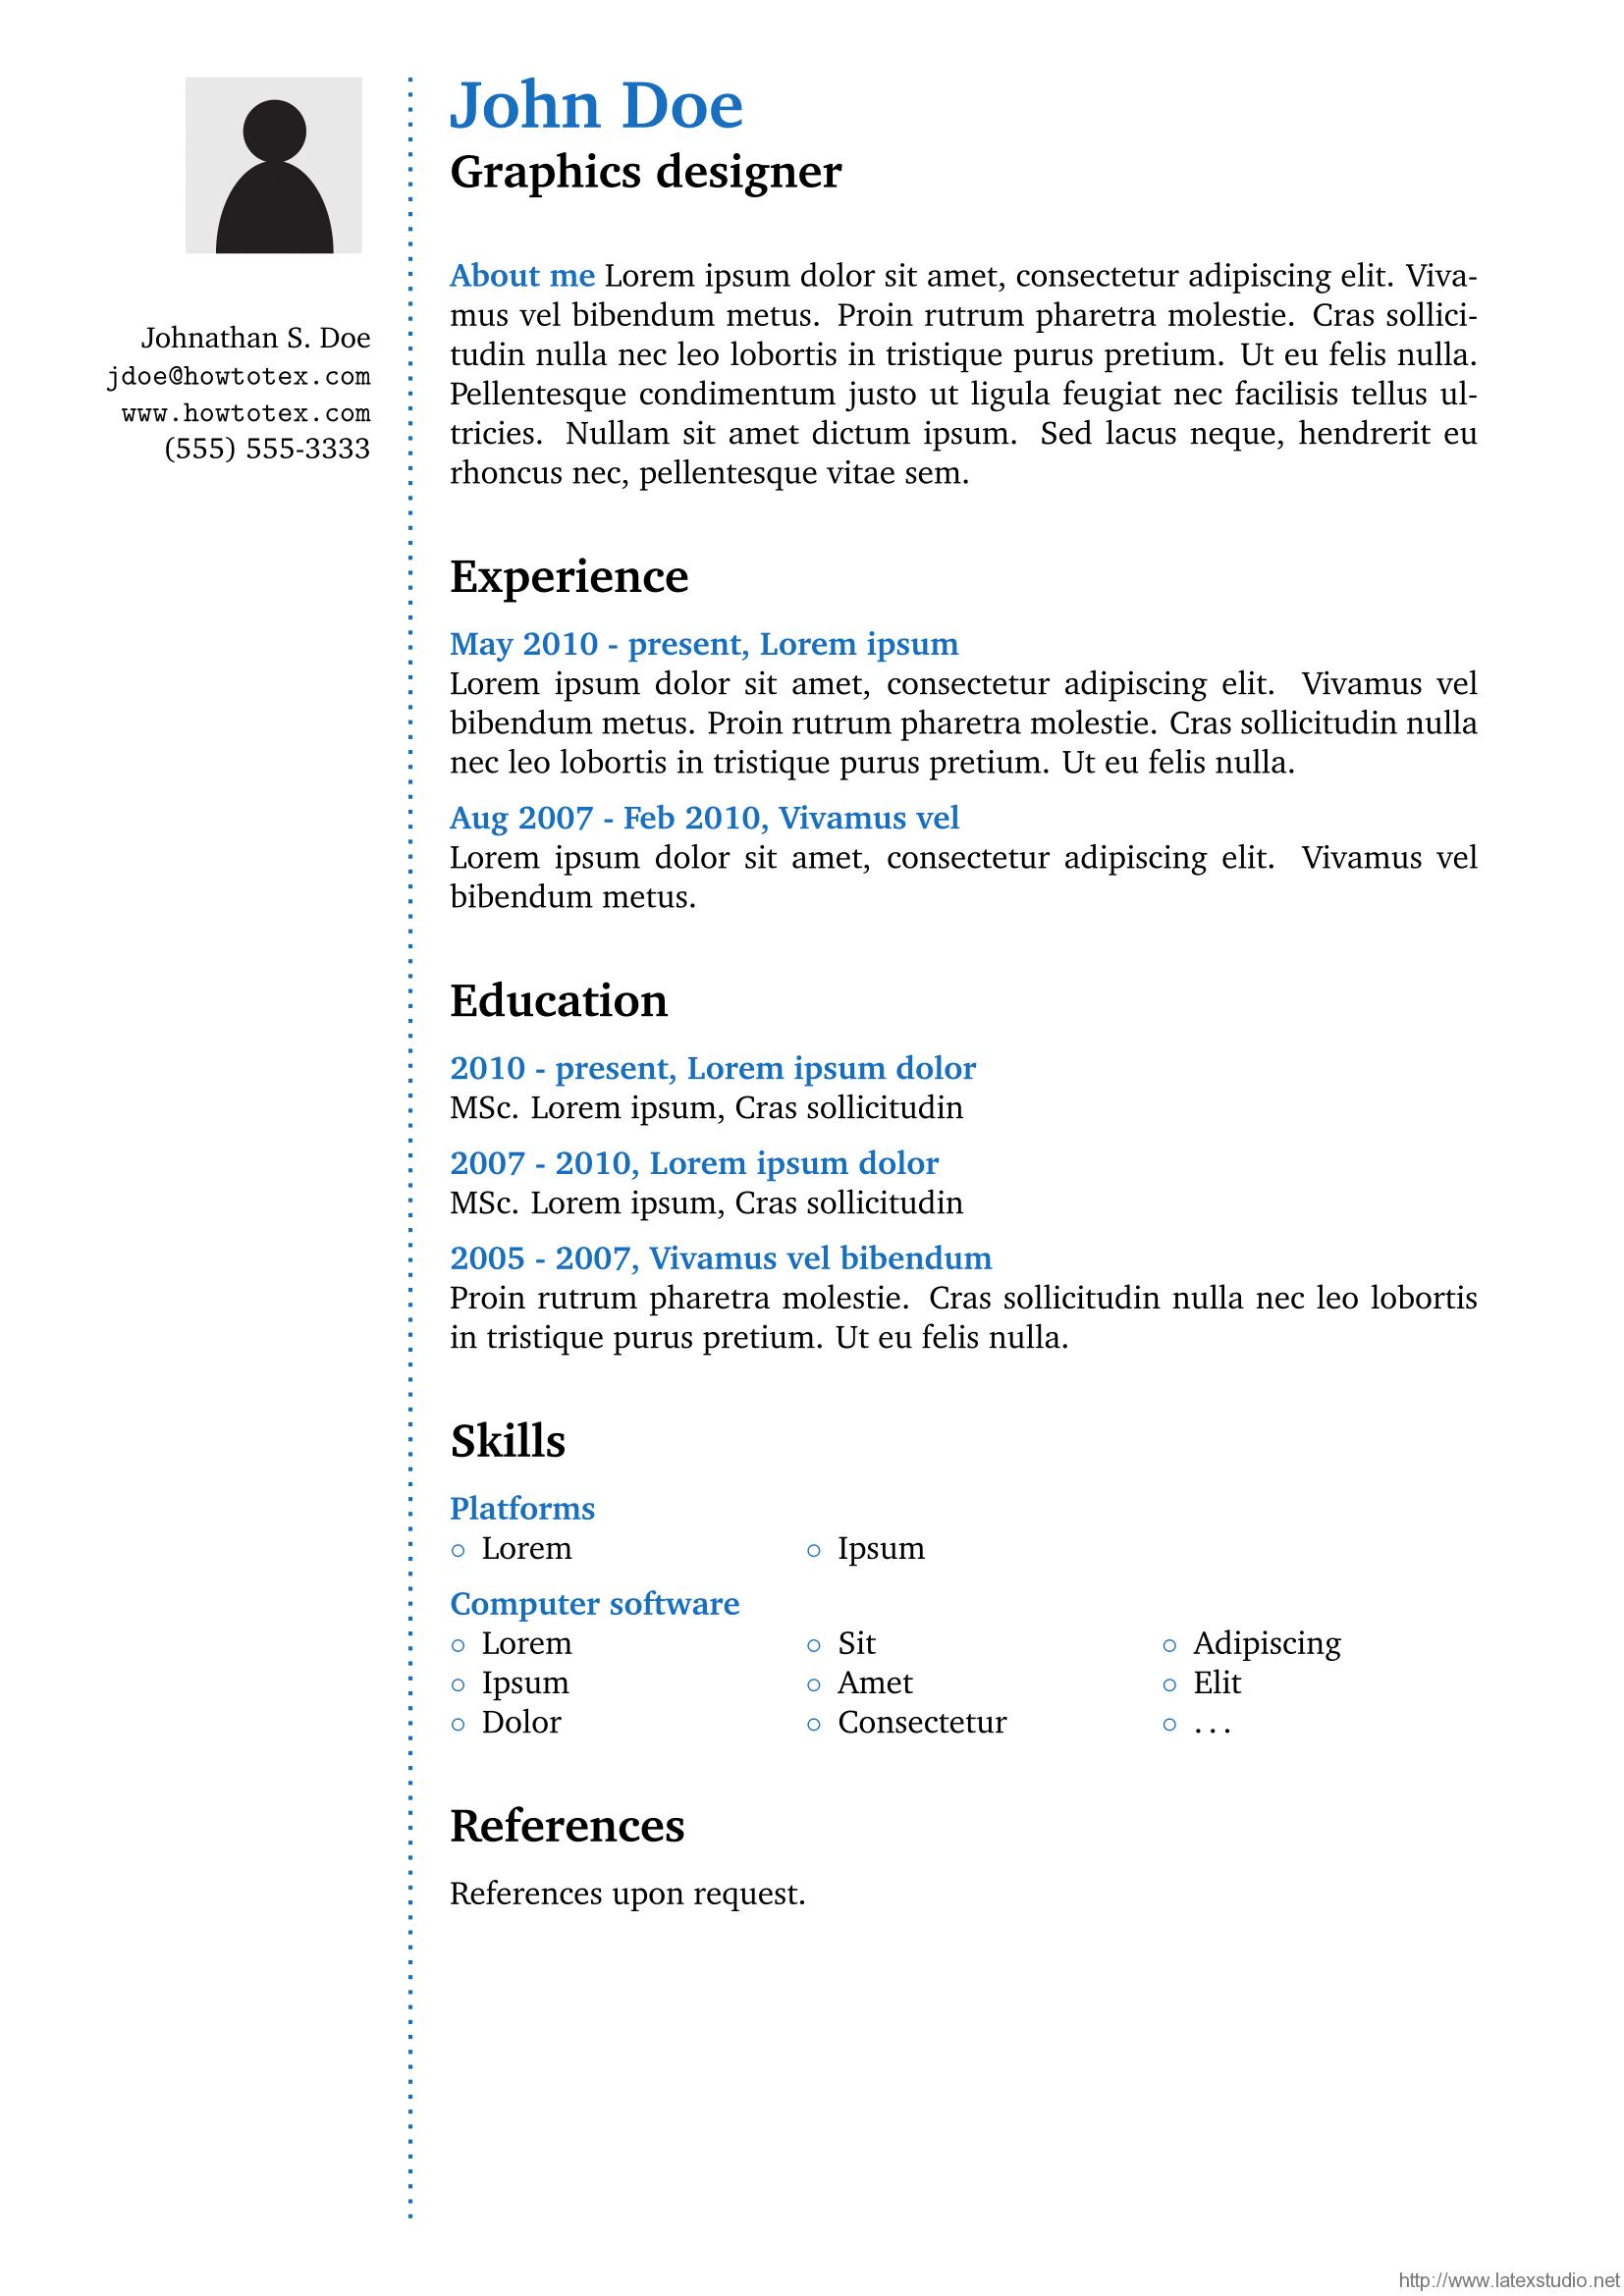 designers-cv-howtotex-1